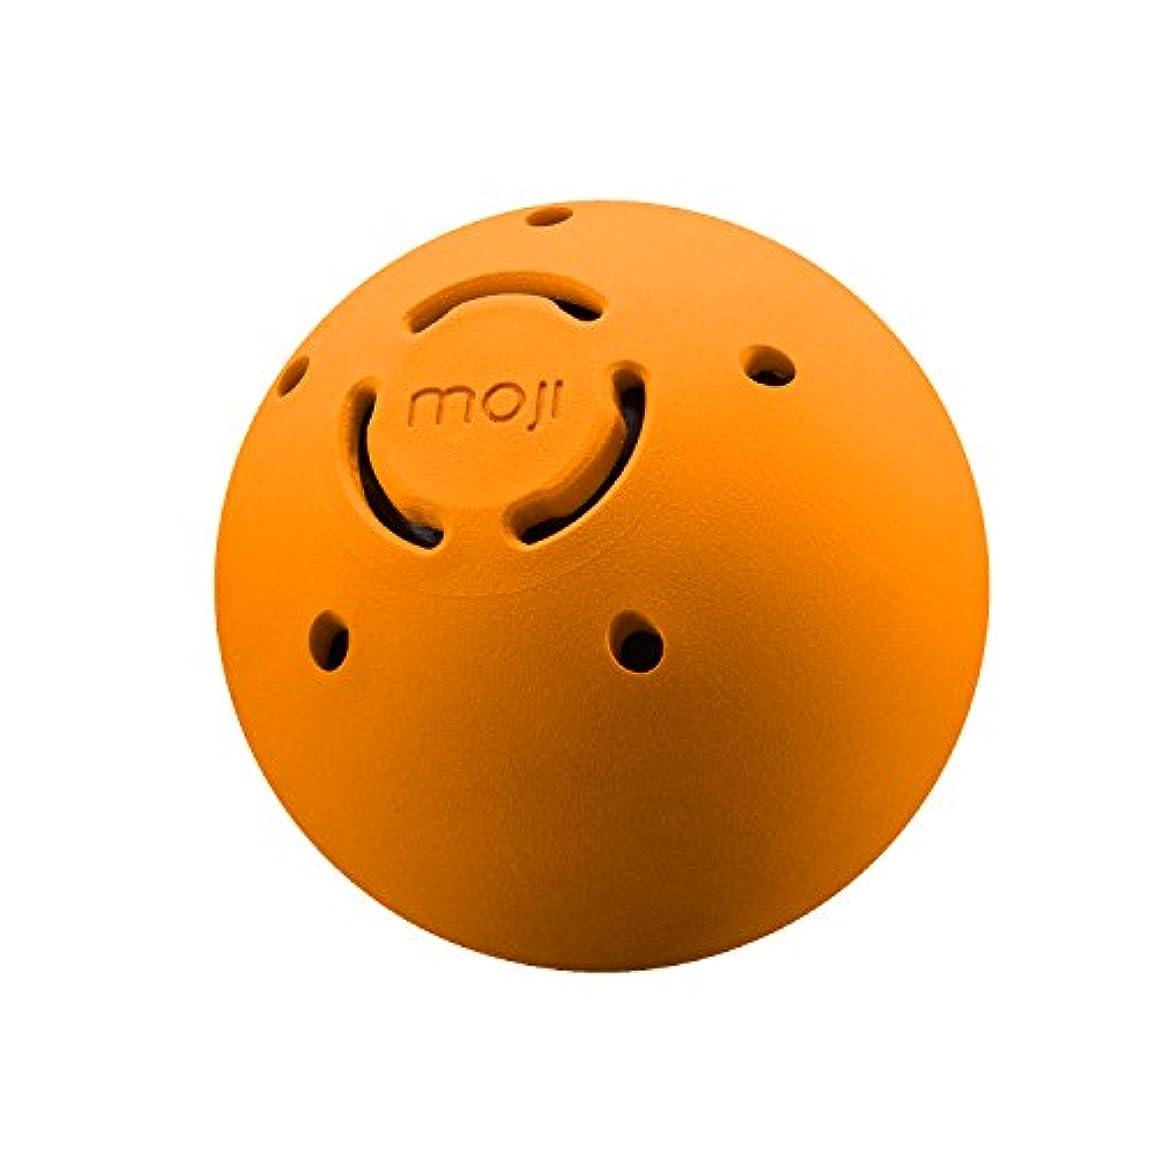 ターミナル生き返らせるアシュリータファーマン温熱 マッサージボール 筋肉の痛み 筋肉をほぐす 血流促進 MojiHeat Massage Ball (Large)